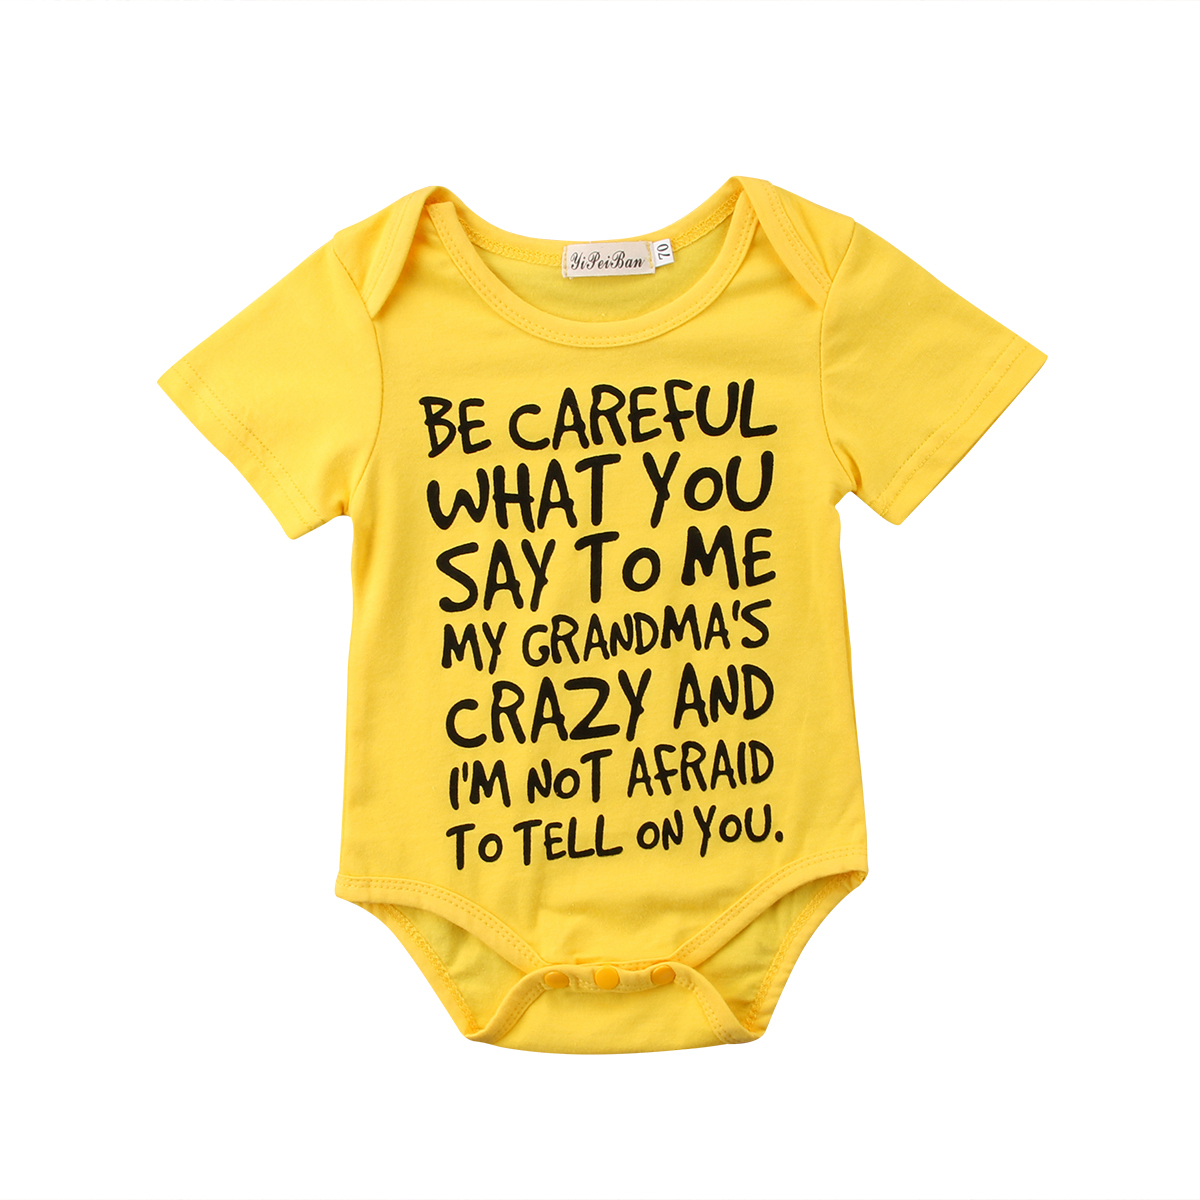 0-24 M Baby Boy Meisje Casual Korte Mouw Zomer Veelzijdige Brief Jumpsuit Bodysuit Kleding Outfits Yu Meer Comfort Voor De Mensen In Hun Dagelijks Leven